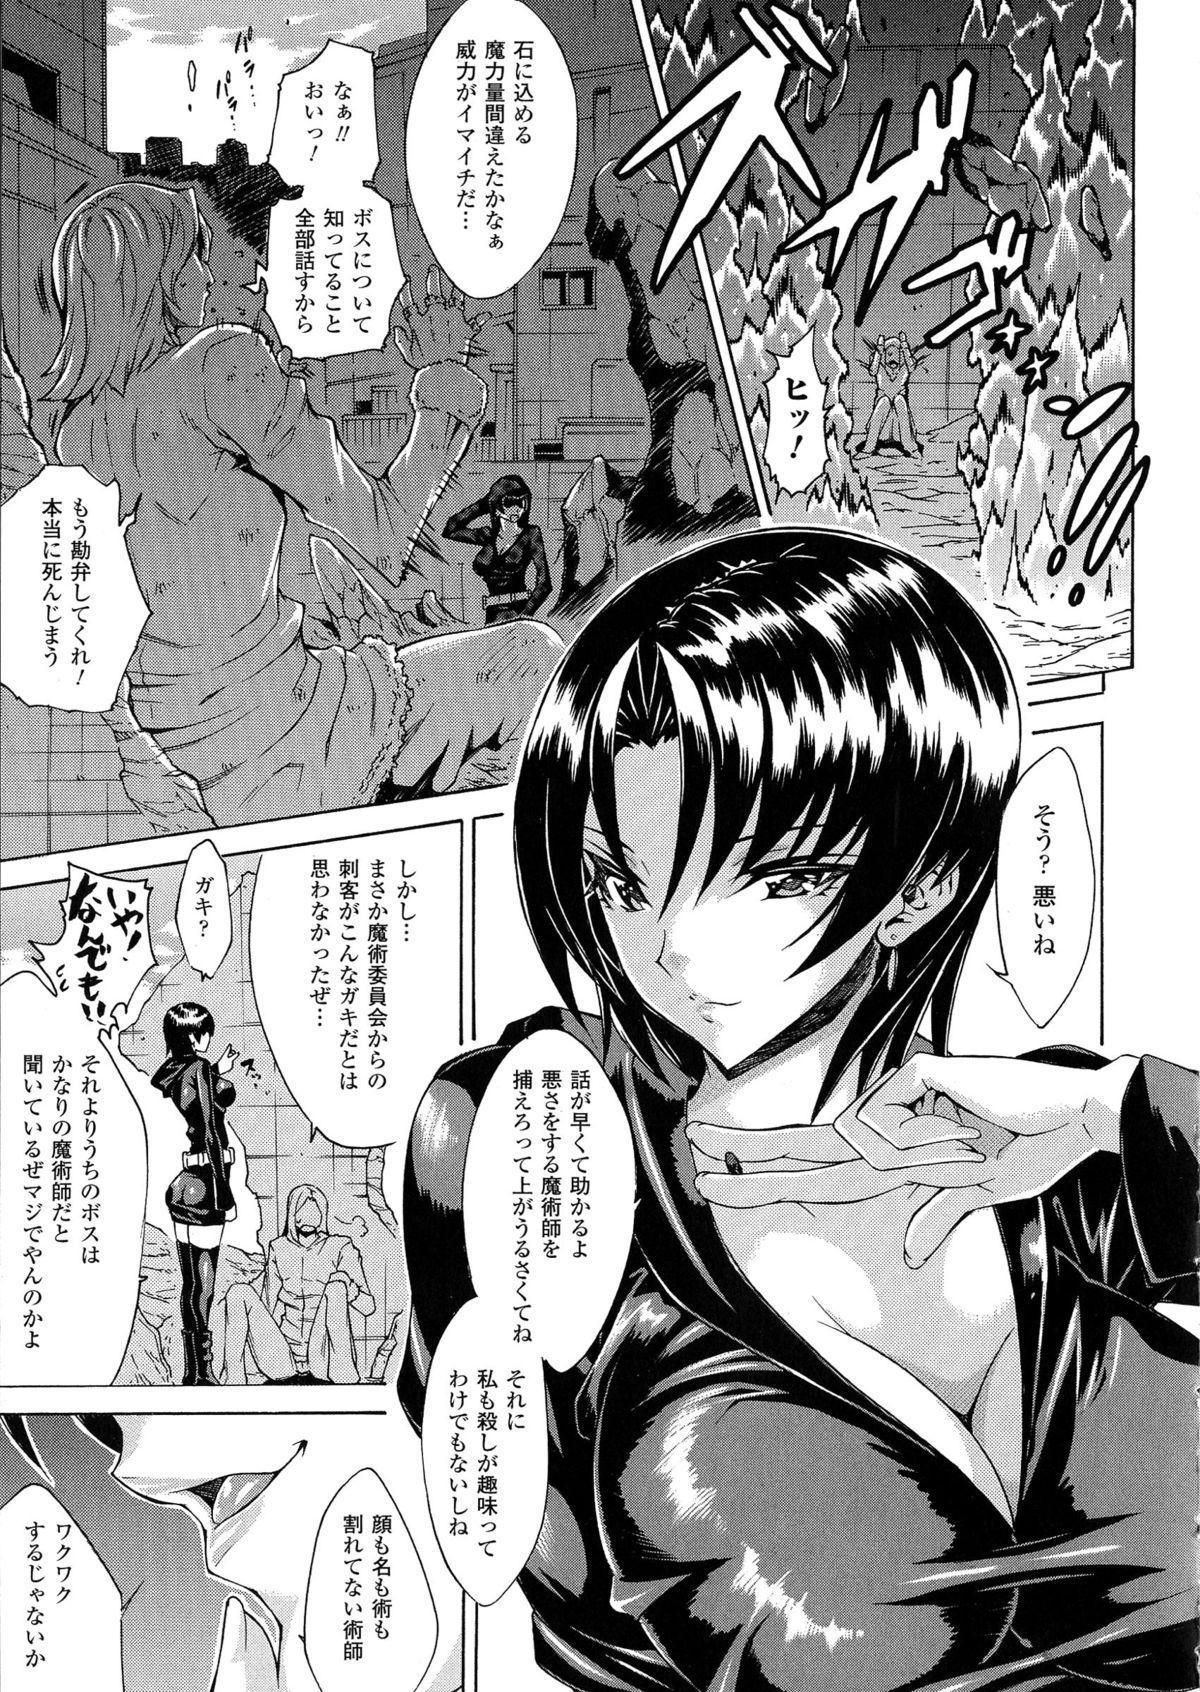 Kachiki na Onna ga Buzama na Ahegao o Sarasu made 100